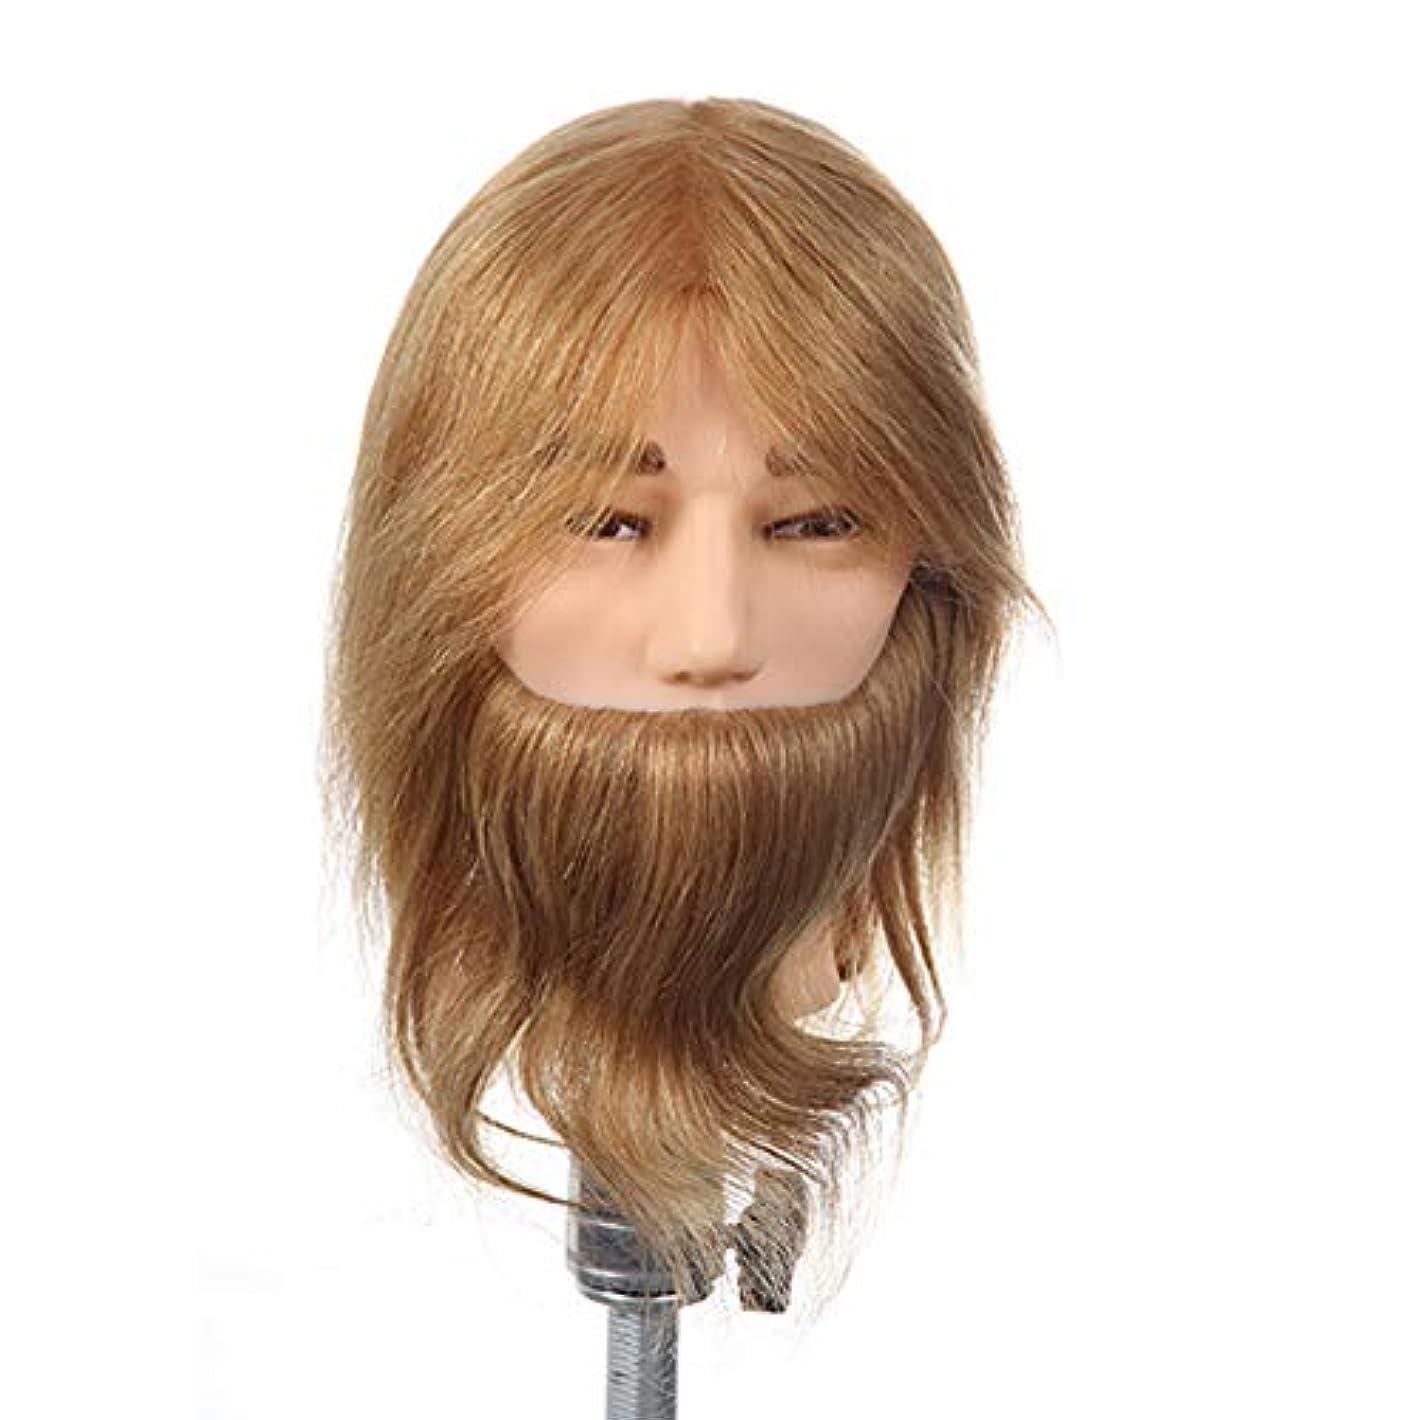 キリマンジャロ空虚ヘクタール本物のヘア男性化粧ダミーヘッドヘアサロン学習パーマ染めトリミング髪あごひげマネキンヘッド付き口ひげ指導ヘッド